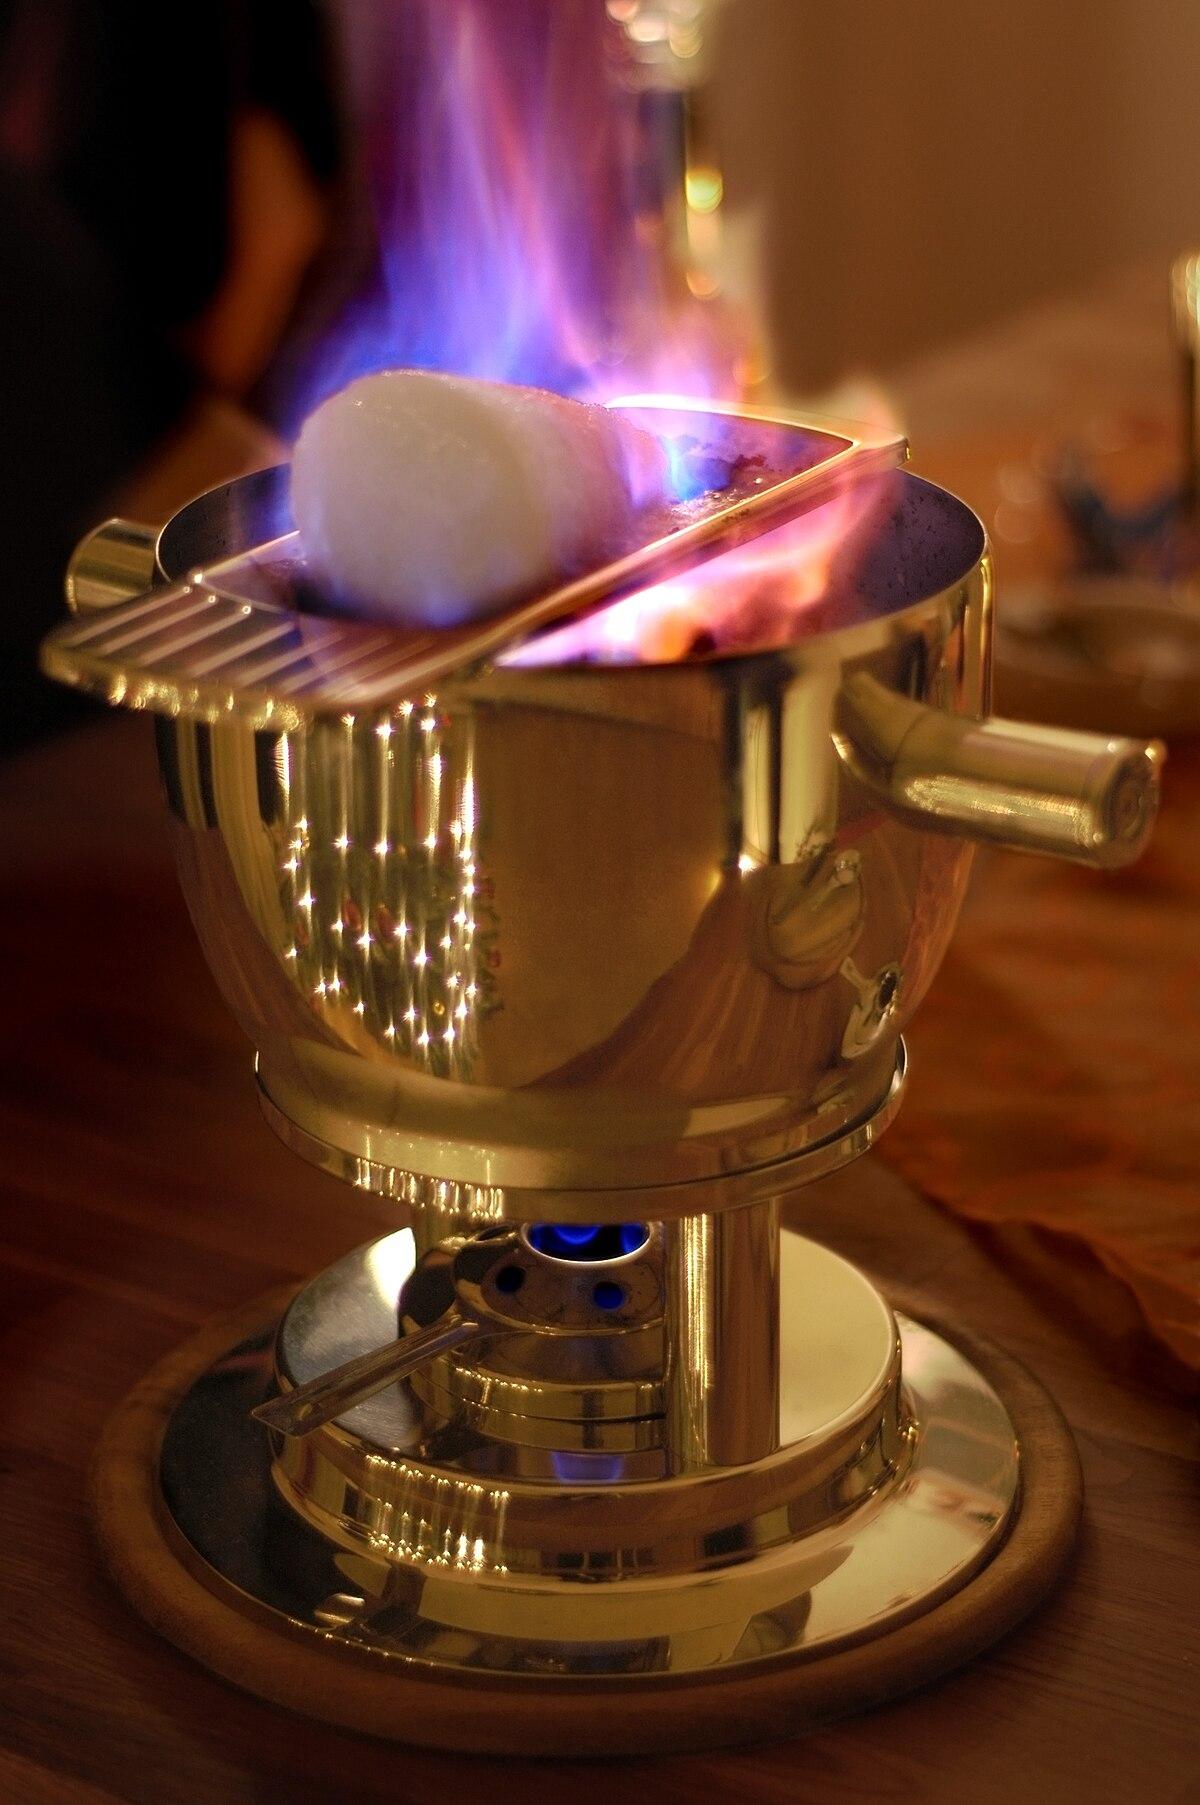 Feuerzangenbowle - Wikipedia